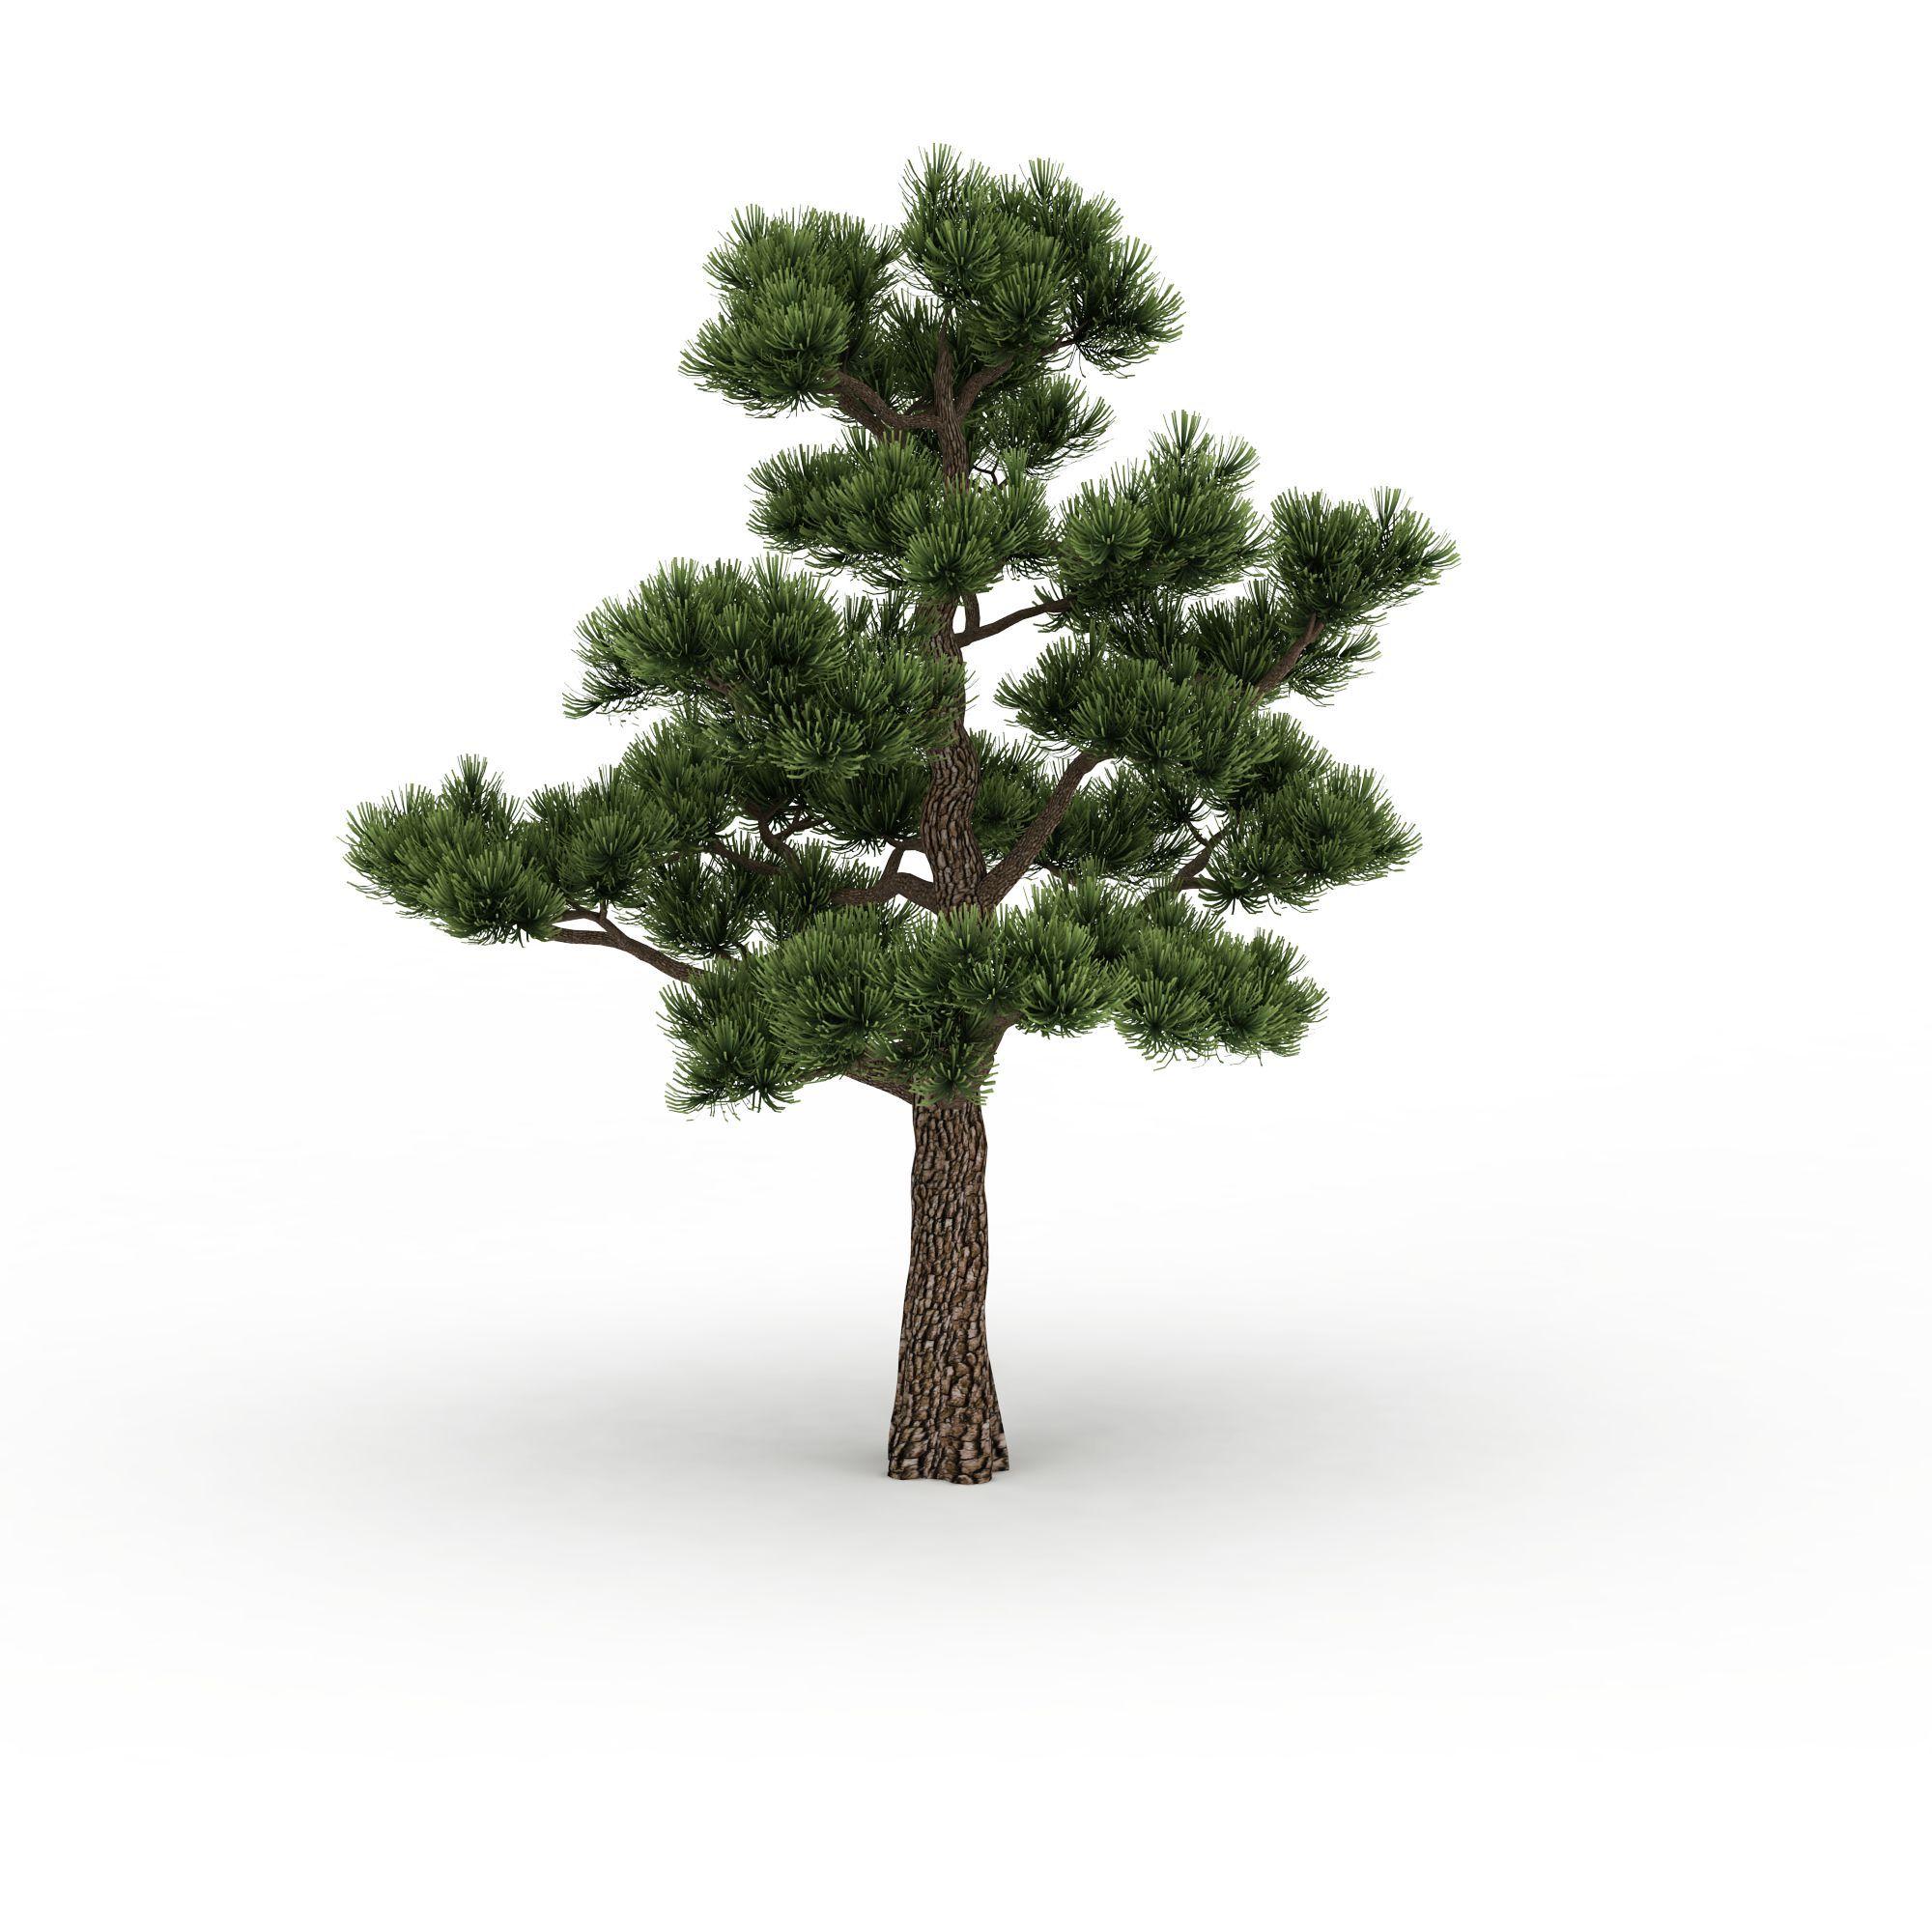 松树图片_松树png图片素材_松树png高清图下载